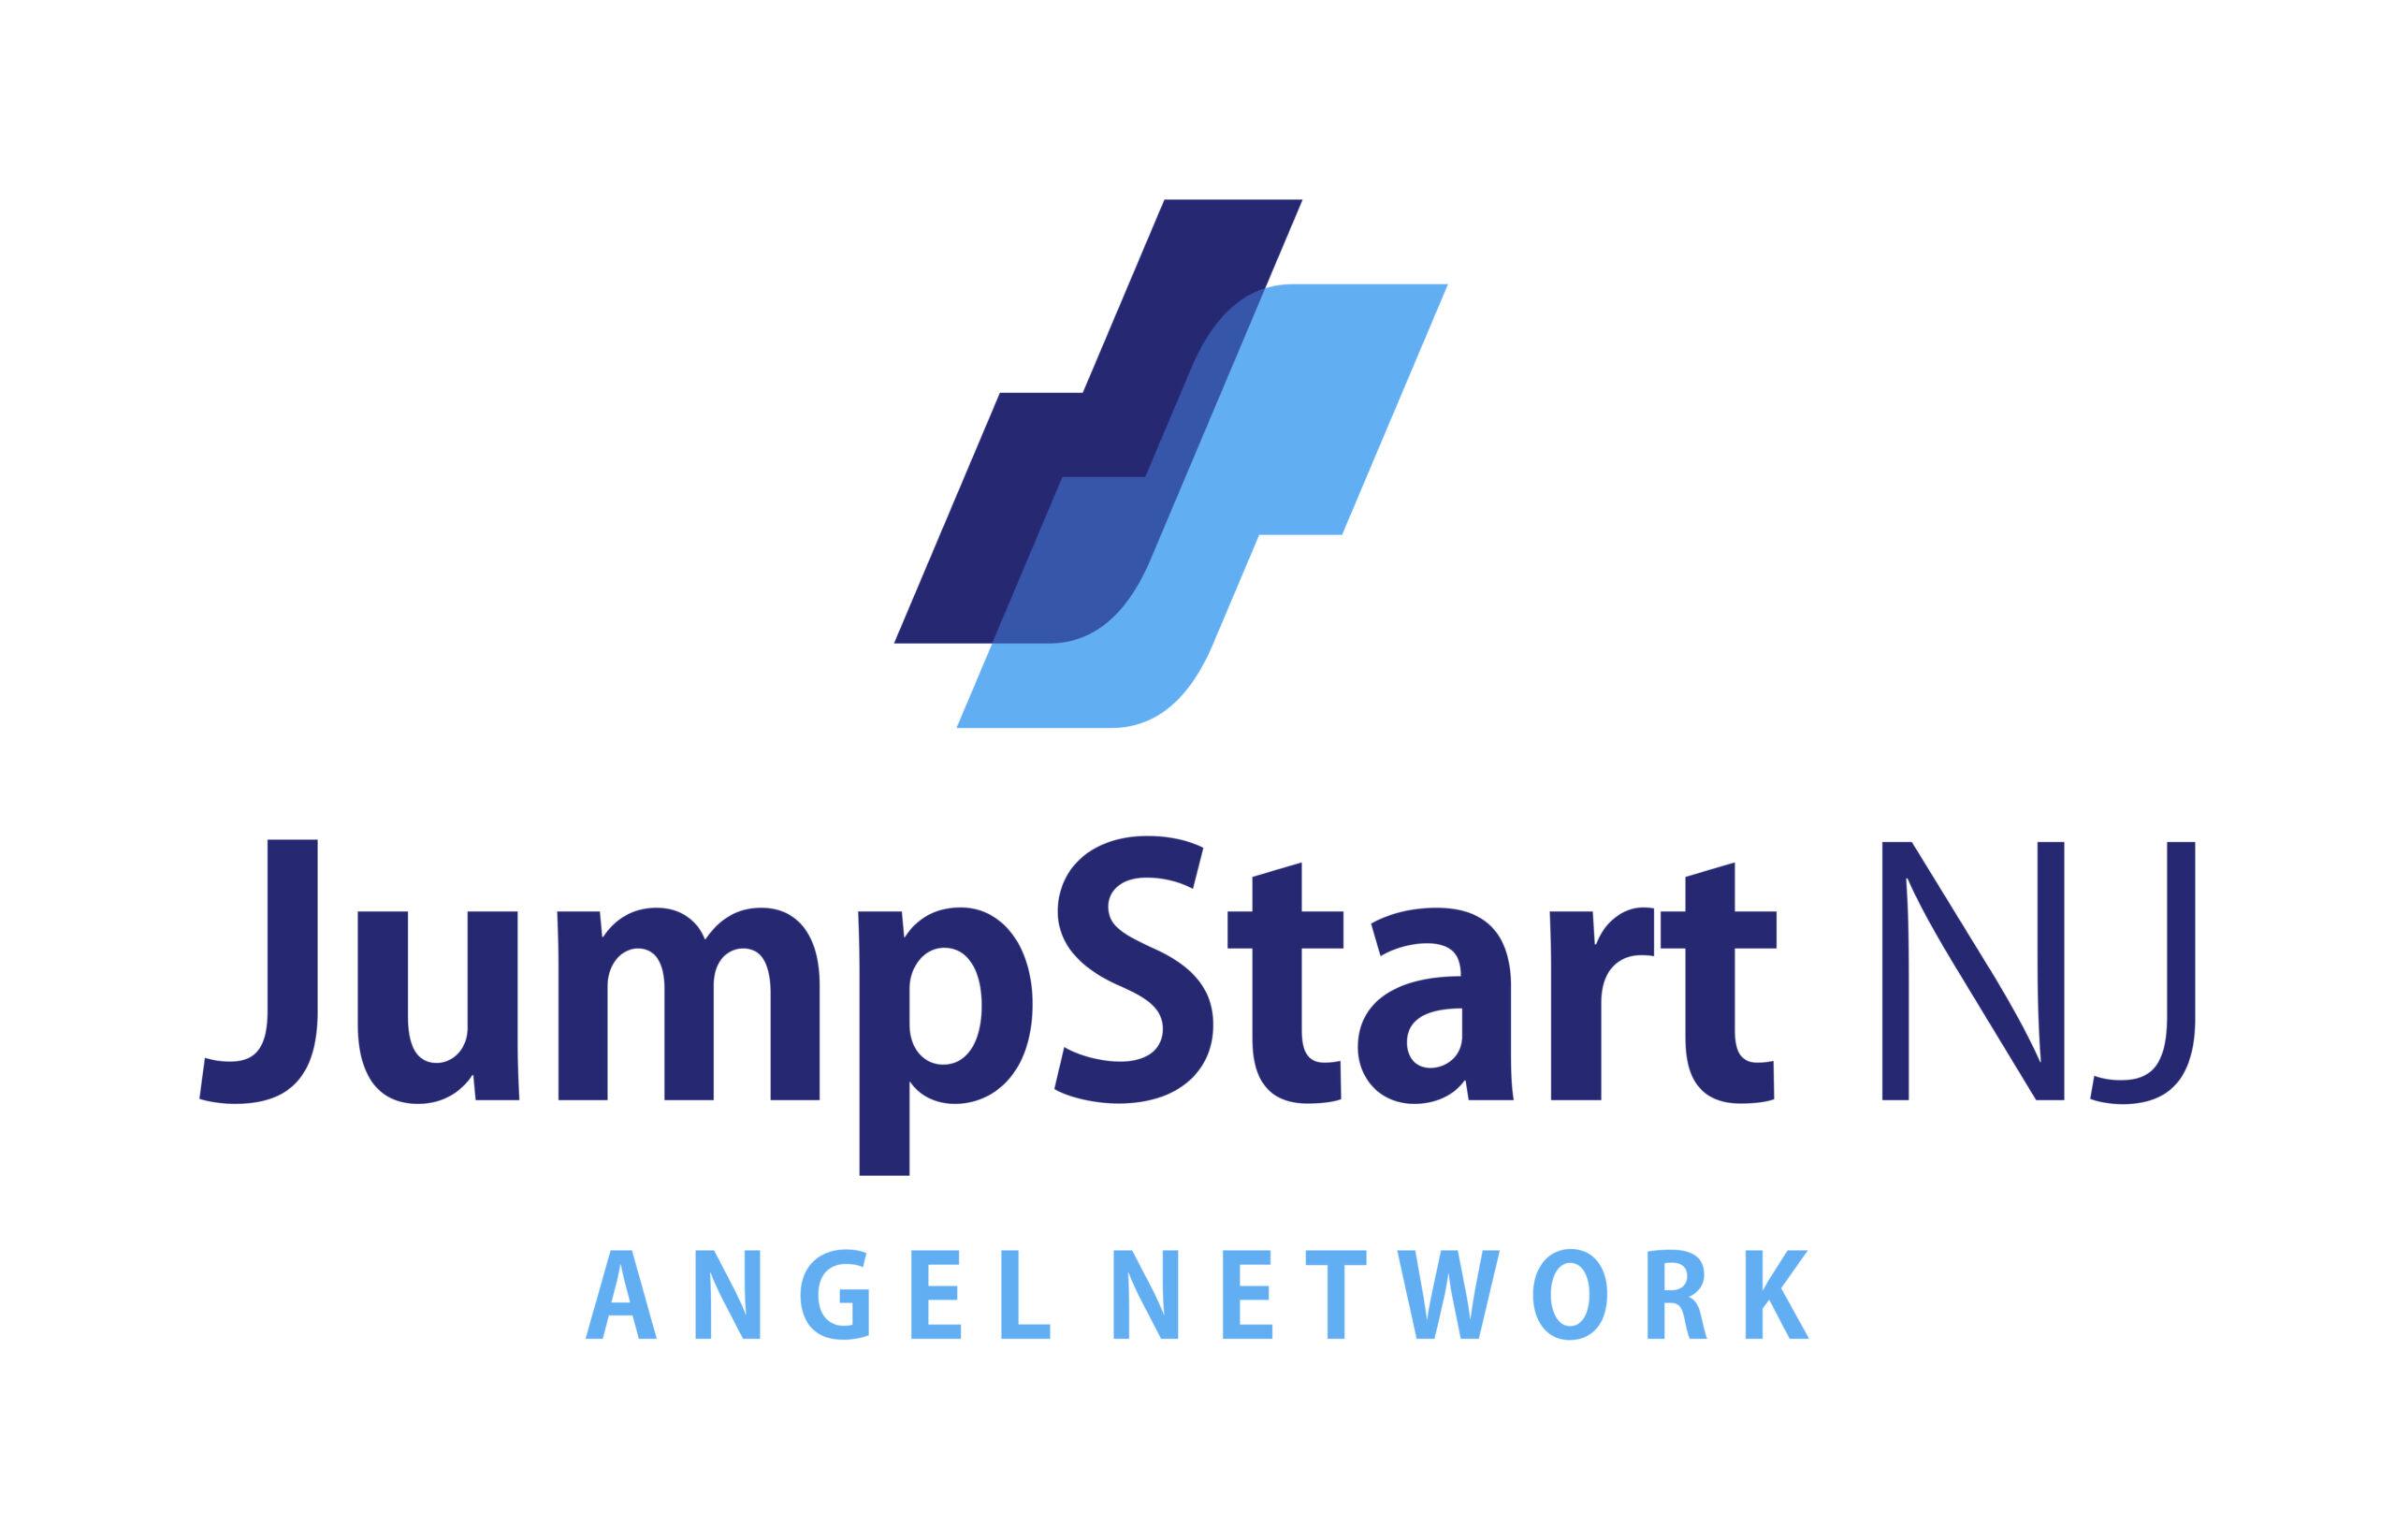 Jumpstart NJ